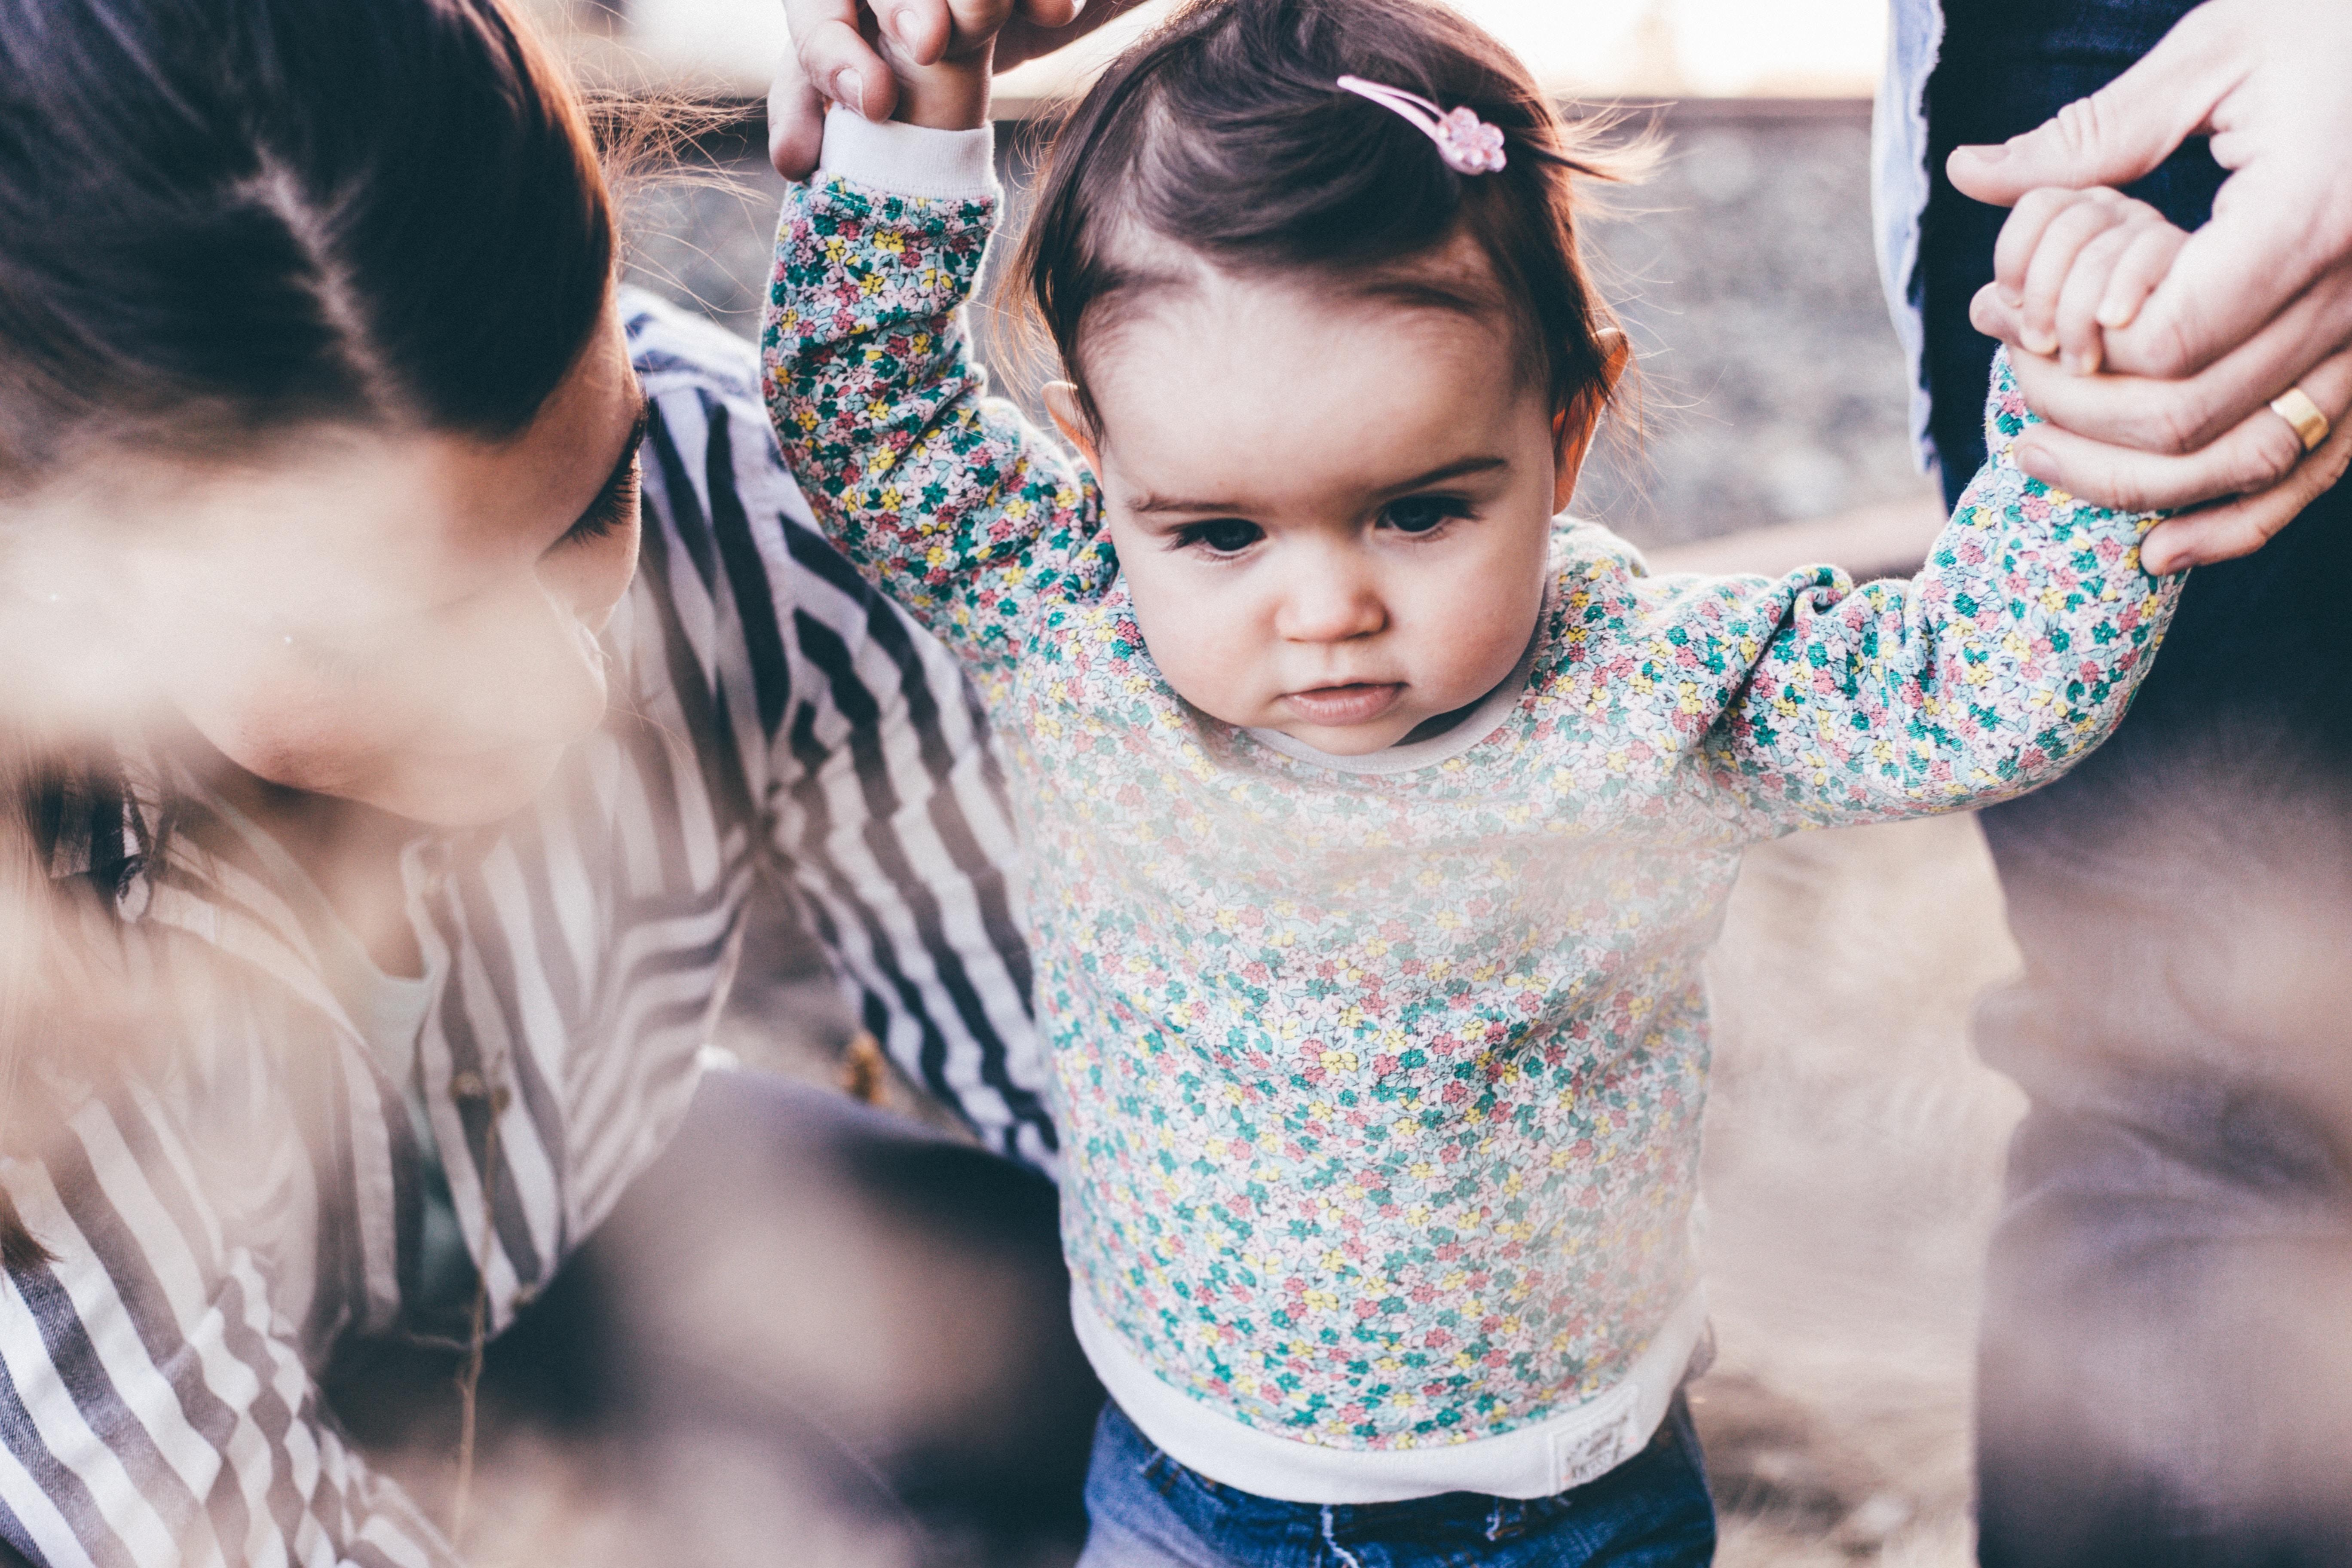 Entwicklung Baby Kleinkind in 36 Monaten Foto:Priscilla Du Preez bei Unsplash